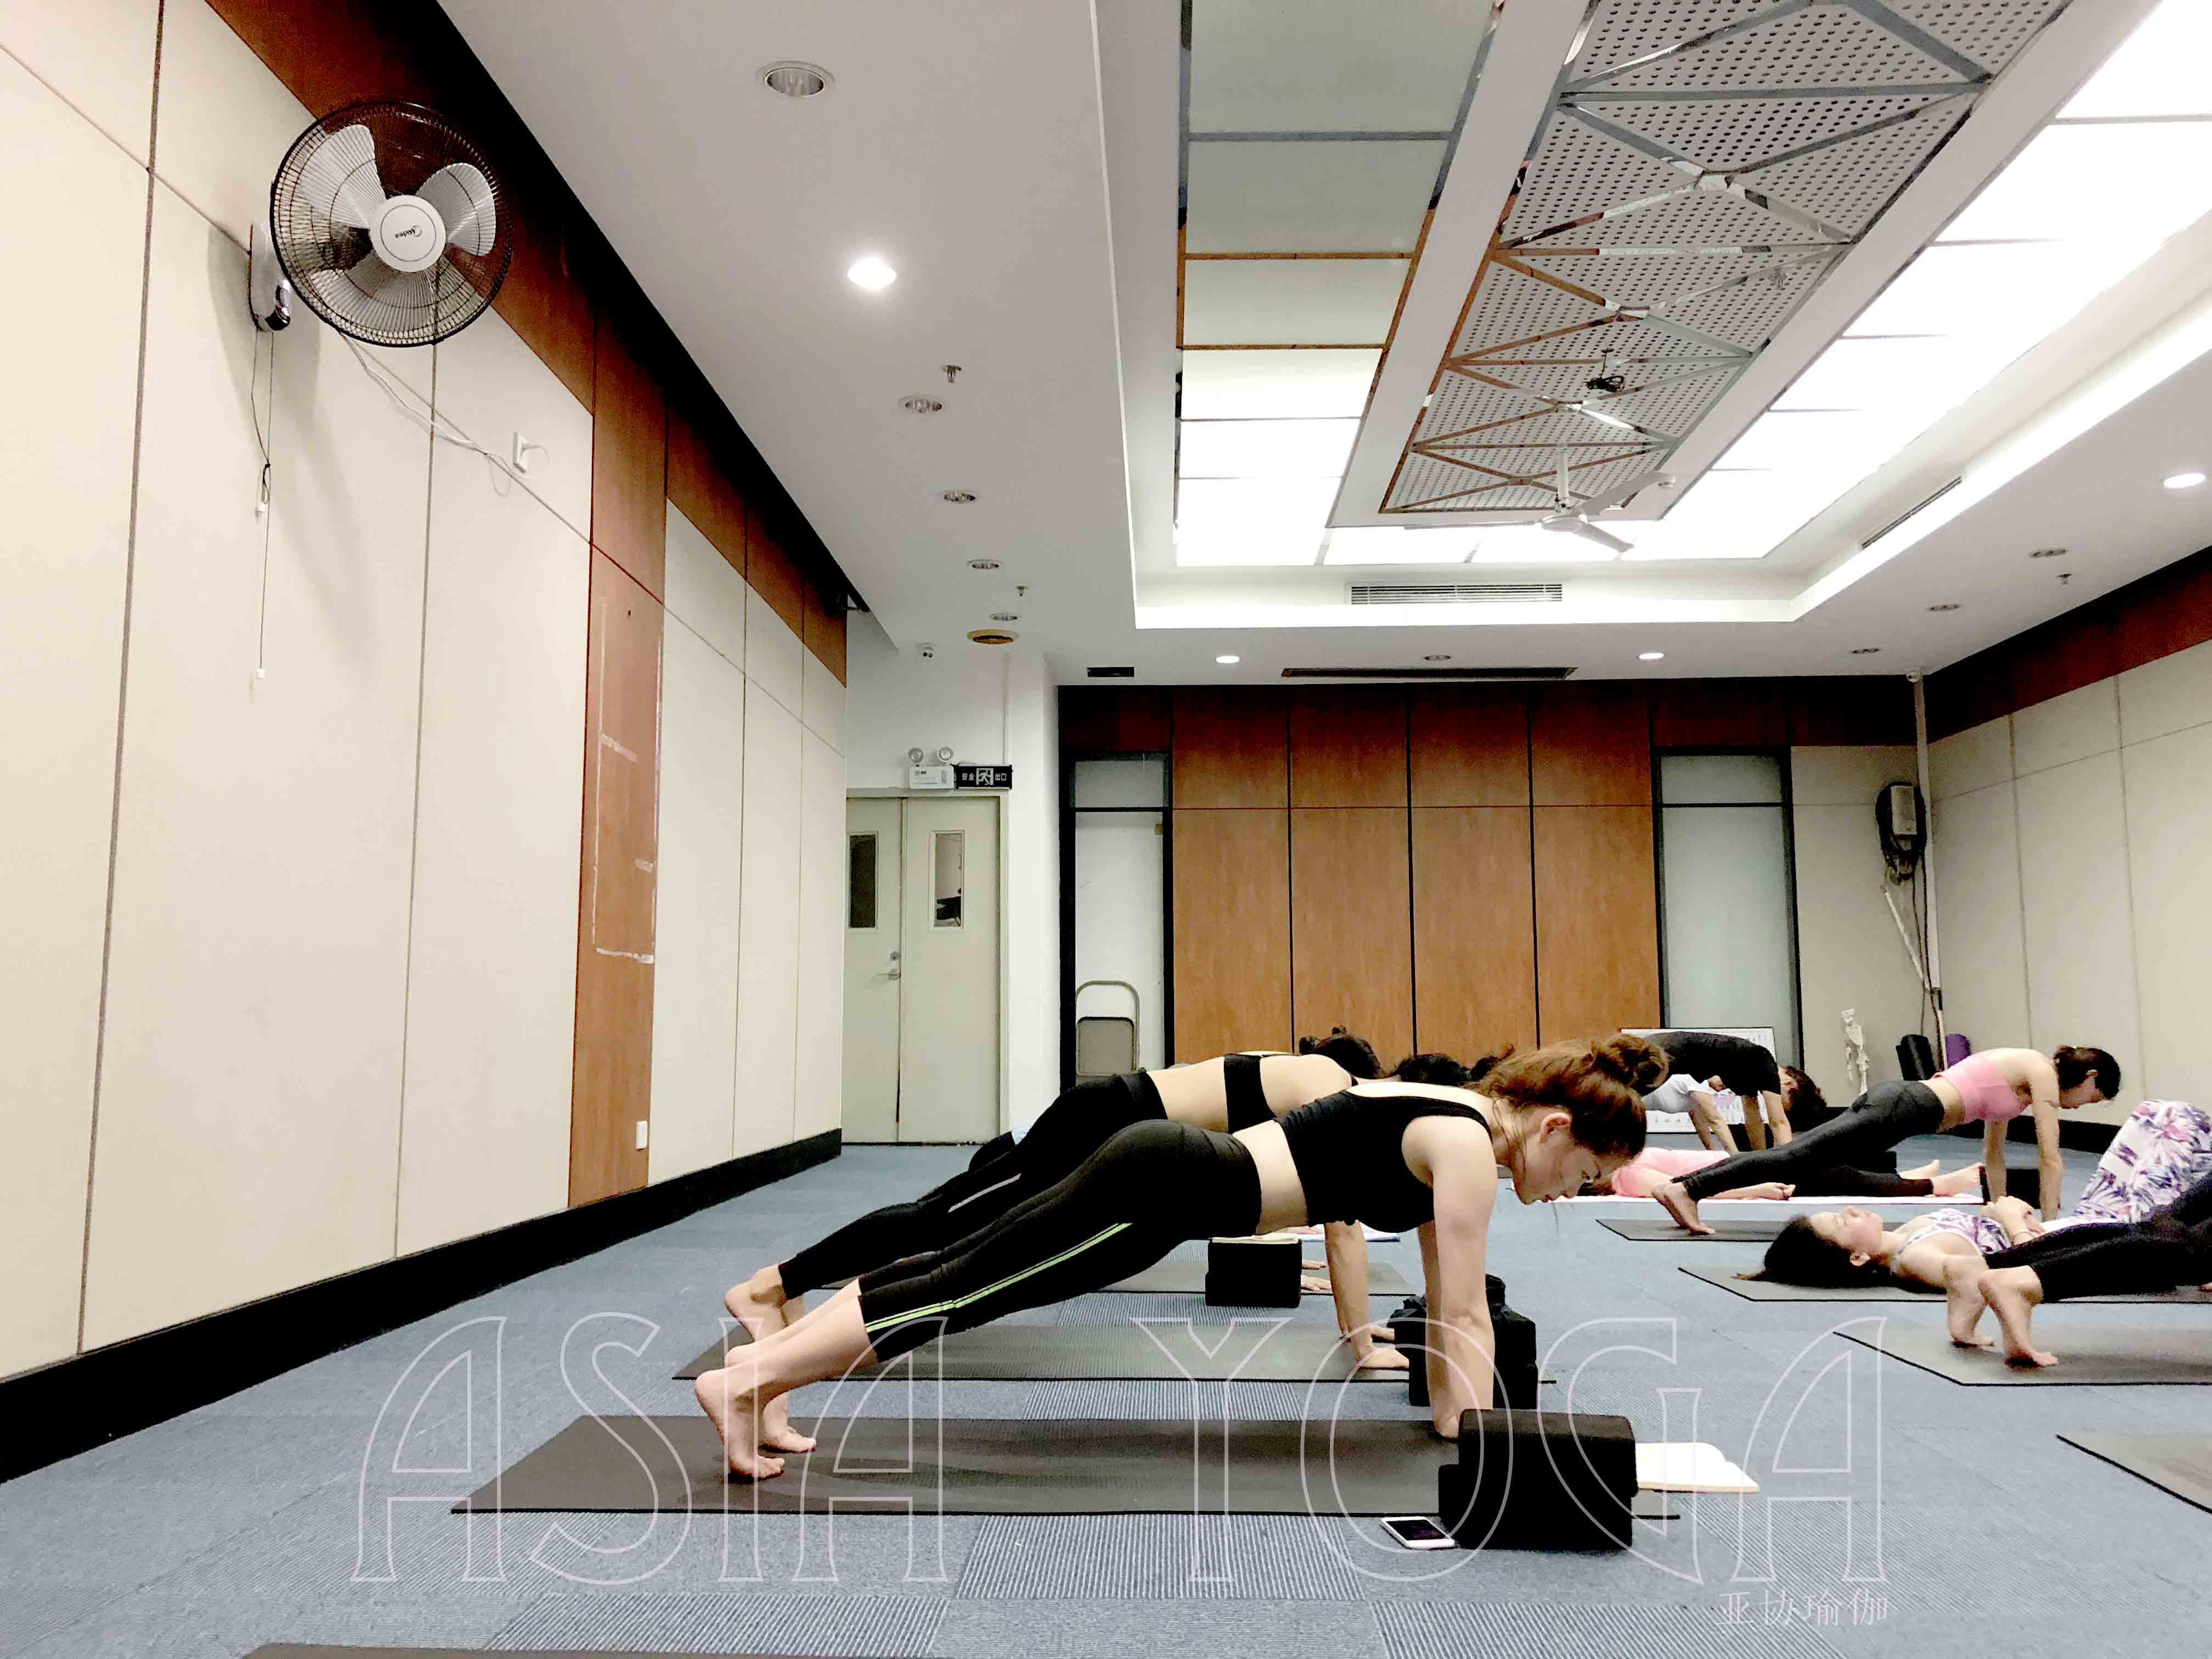 哪里瑜伽学校好?如何选择瑜伽教练培训学校?